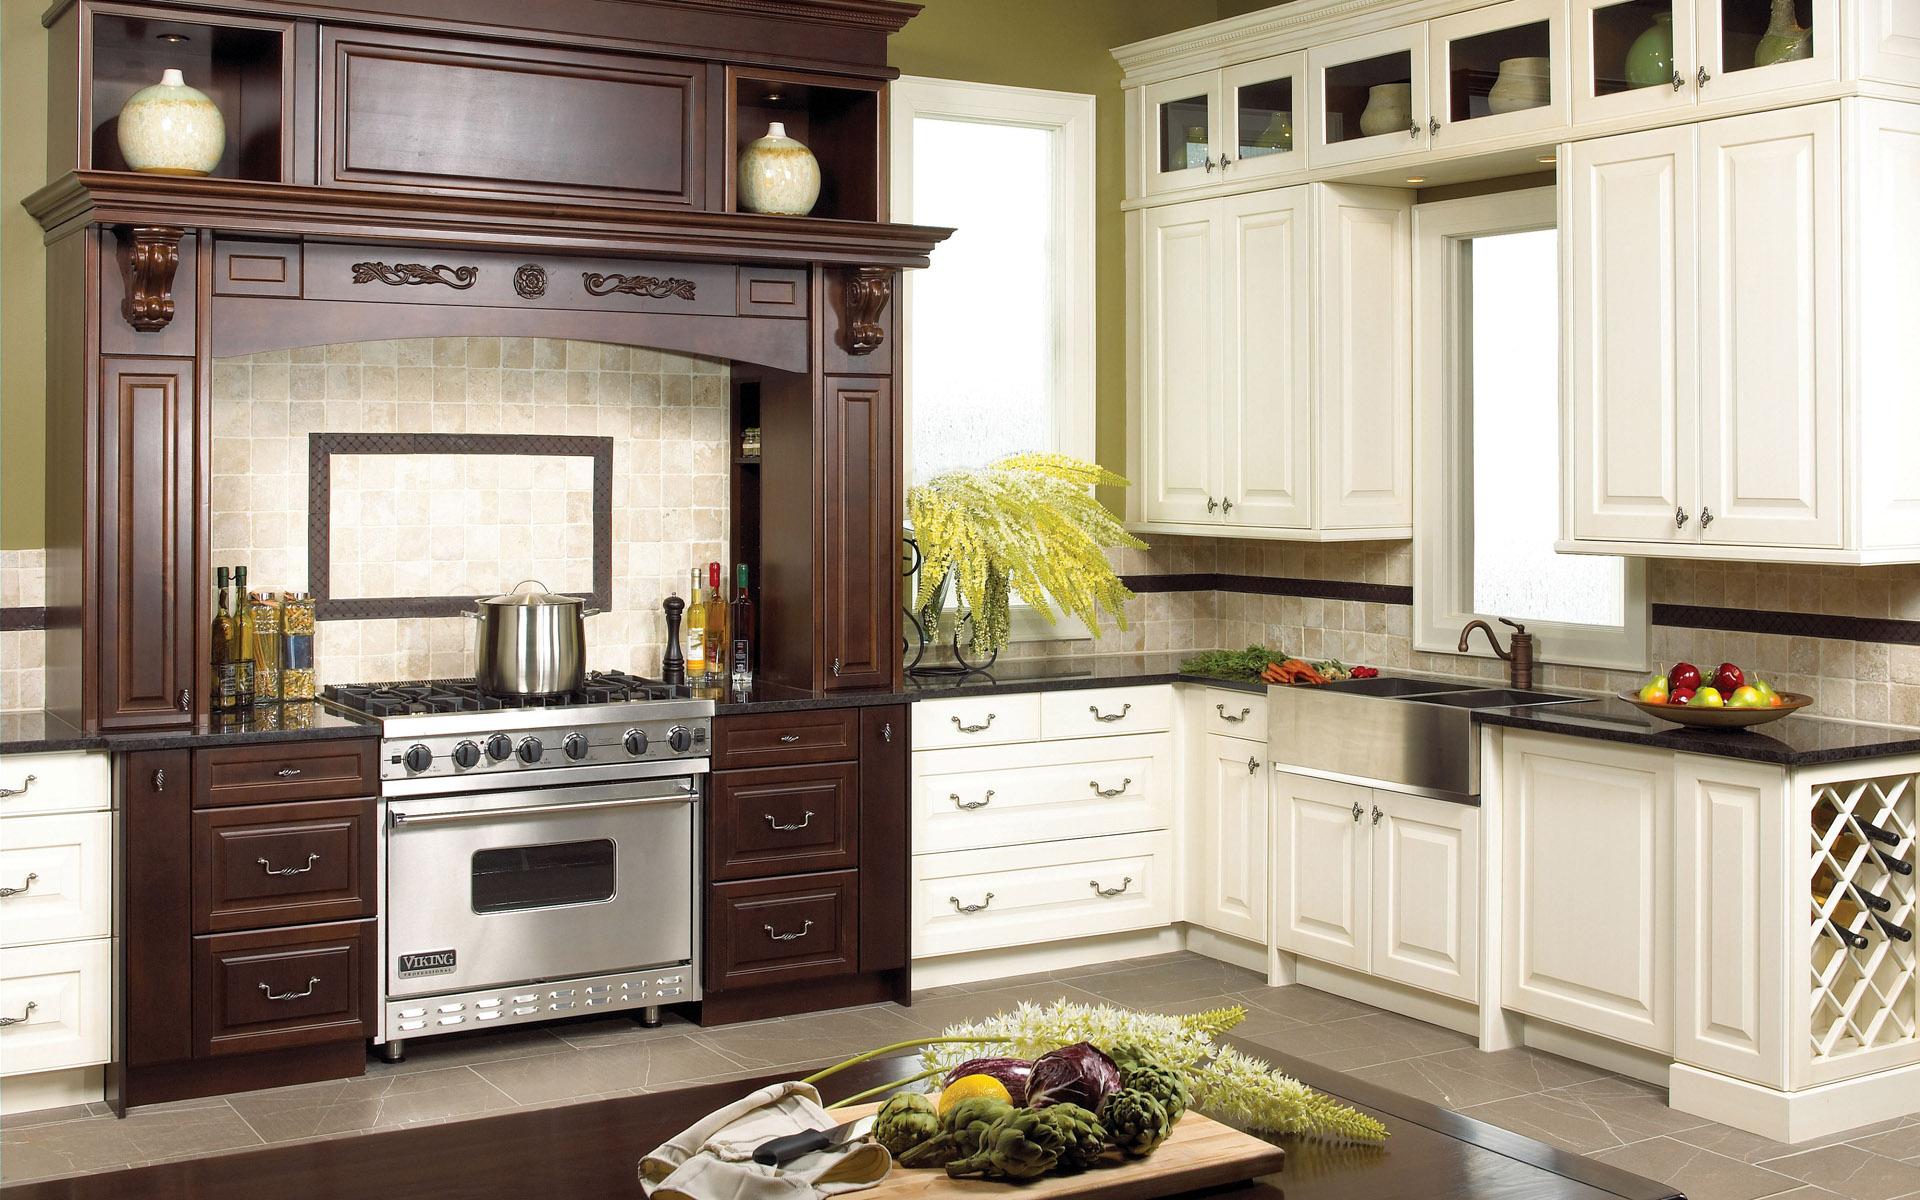 Jak wygospodarować dodatkowe miejsce do przechowywania w kuchni?